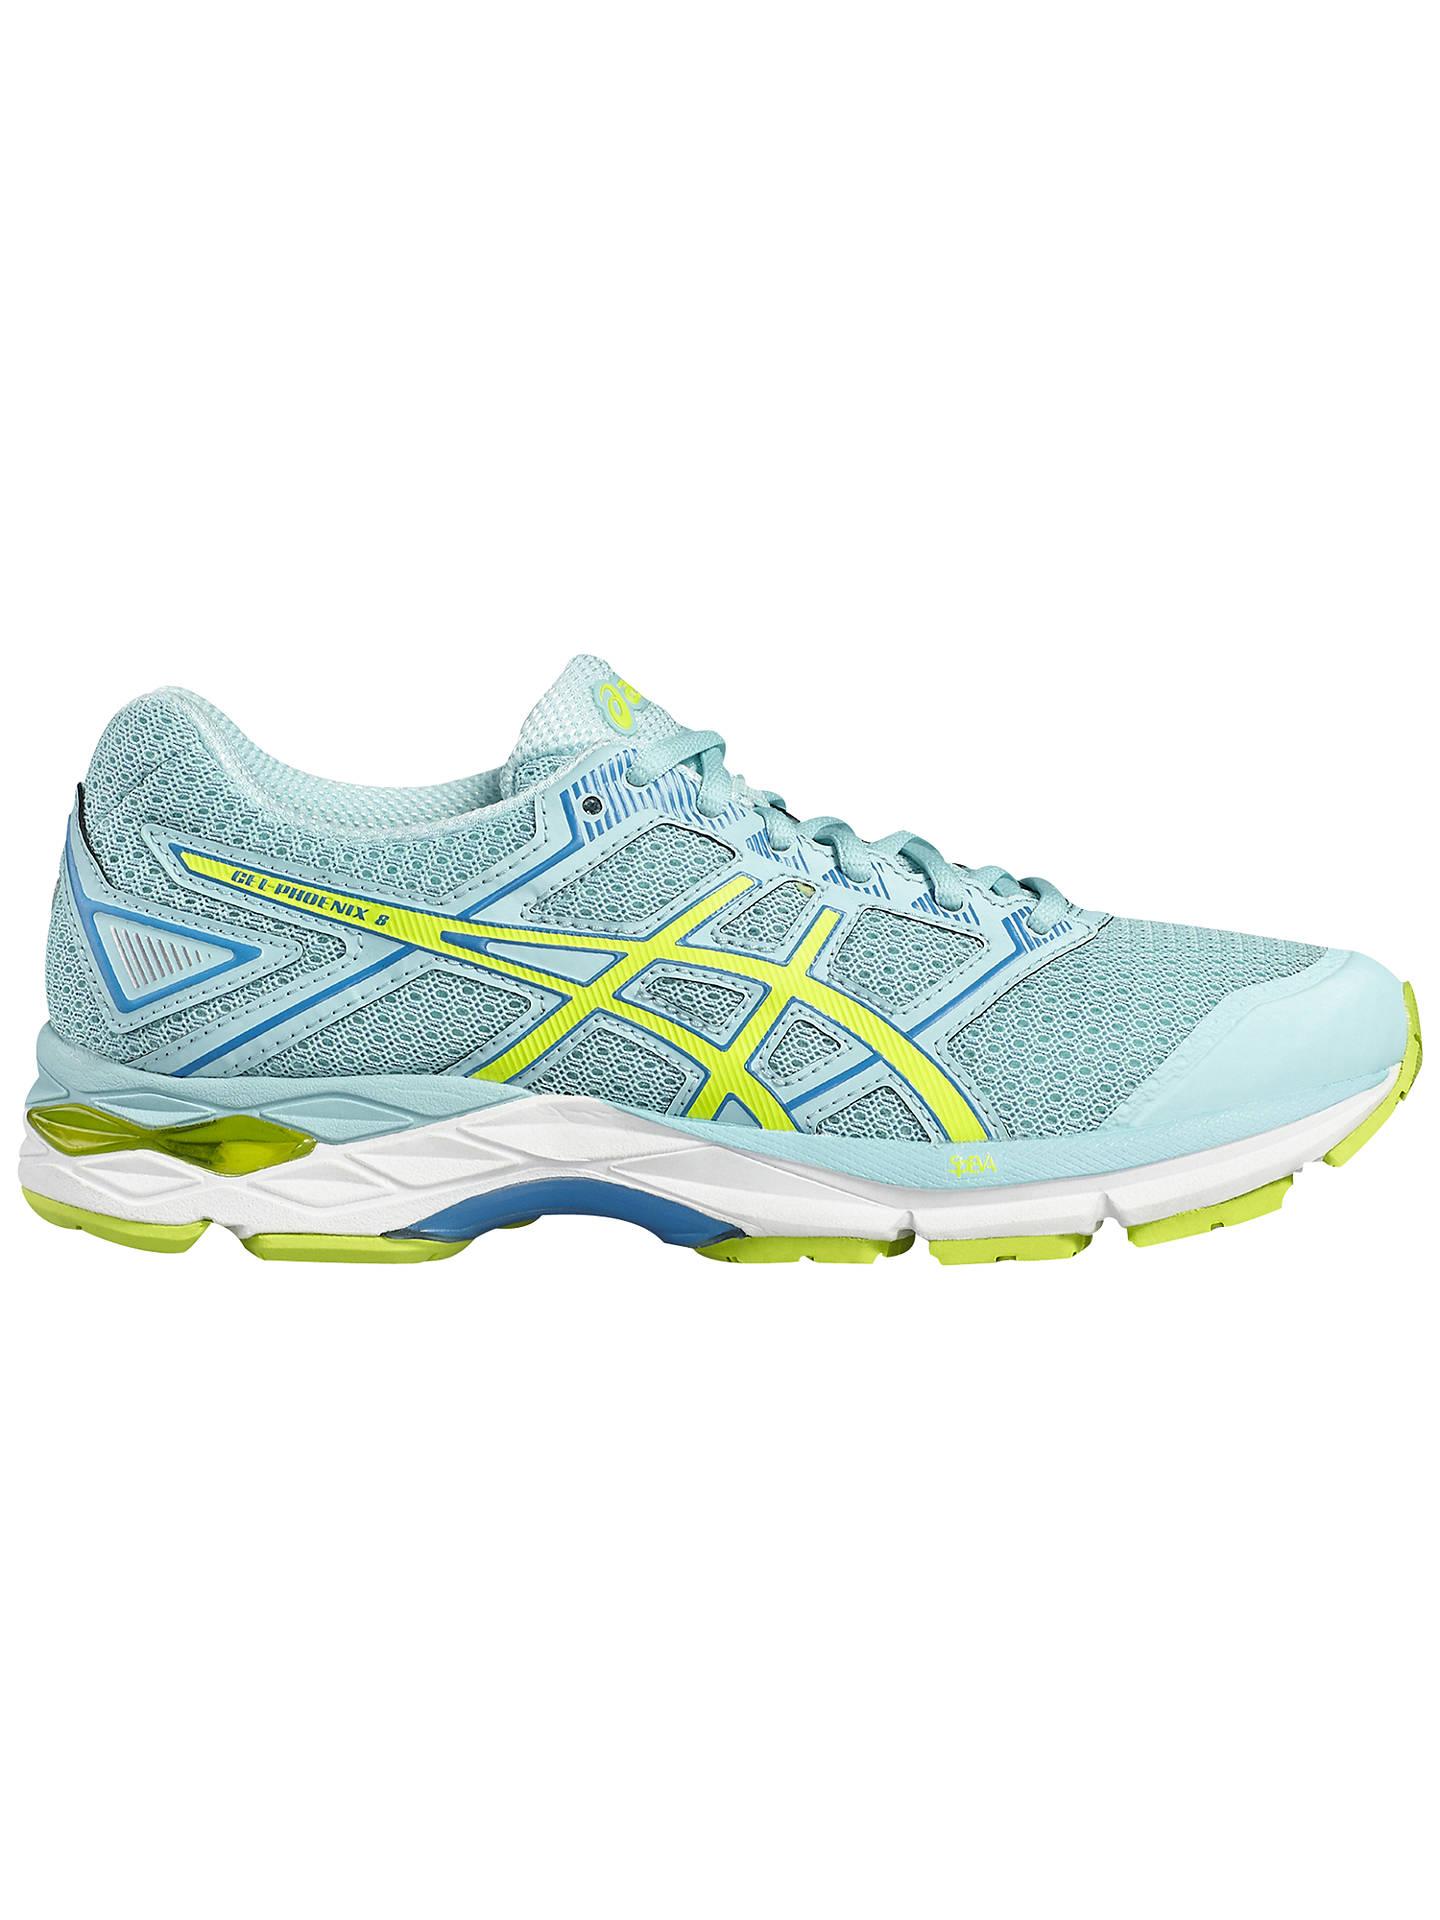 Asics GEL PHOENIX 8 Women's Running Shoes at John Lewis